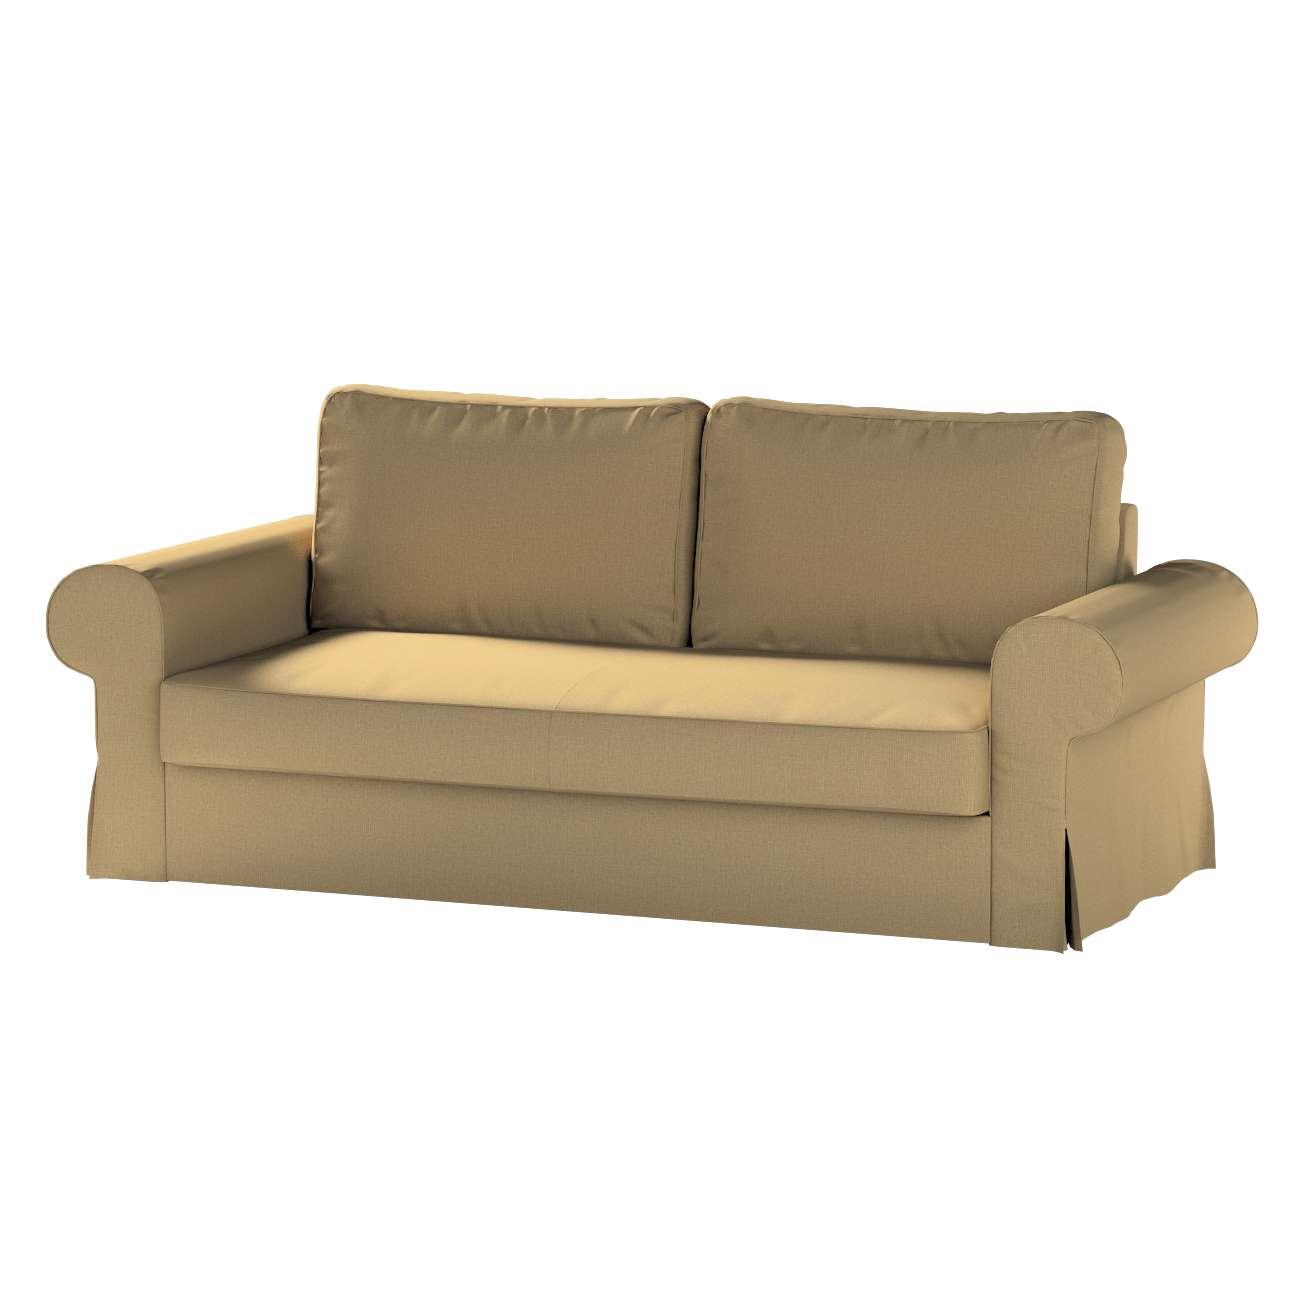 Bezug für Backabro 3-Sitzer Sofa ausklappbar von der Kollektion Living, Stoff: 161-50